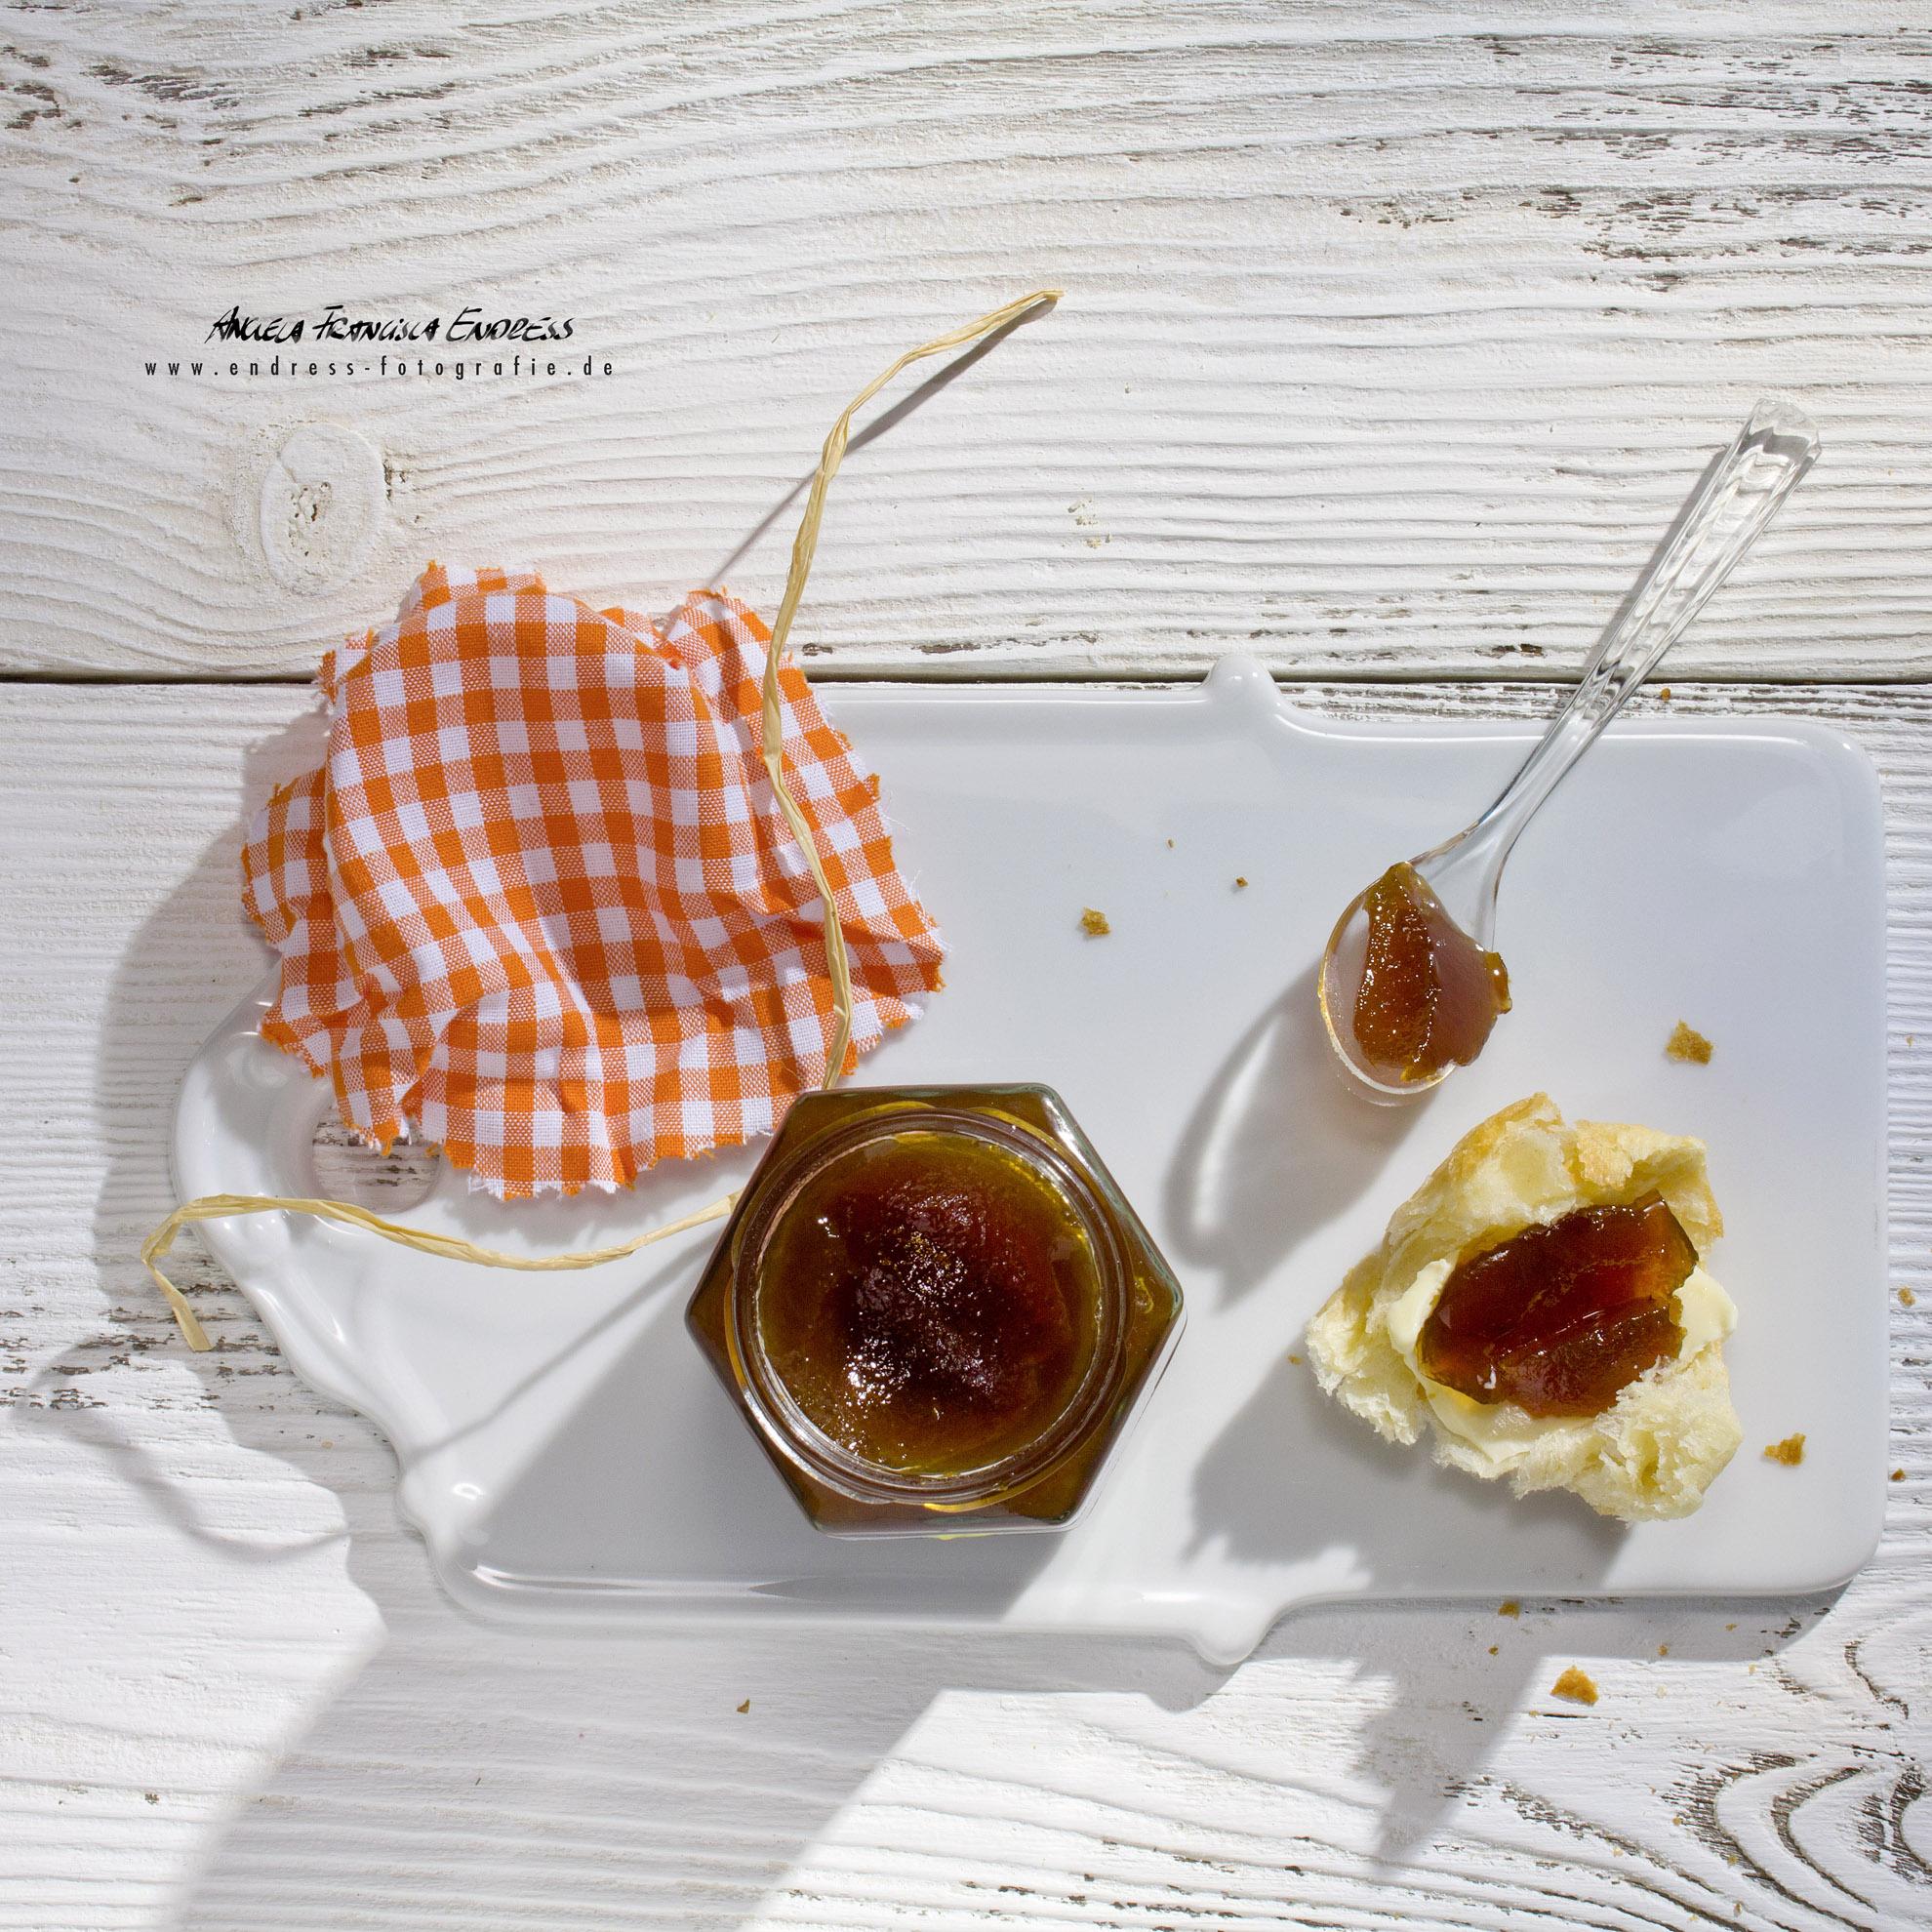 Renecloden-Marmelade, Marmeladen-Glas auf Porzellanbrettchen mit Brötchenstück, Butter und Marmelade